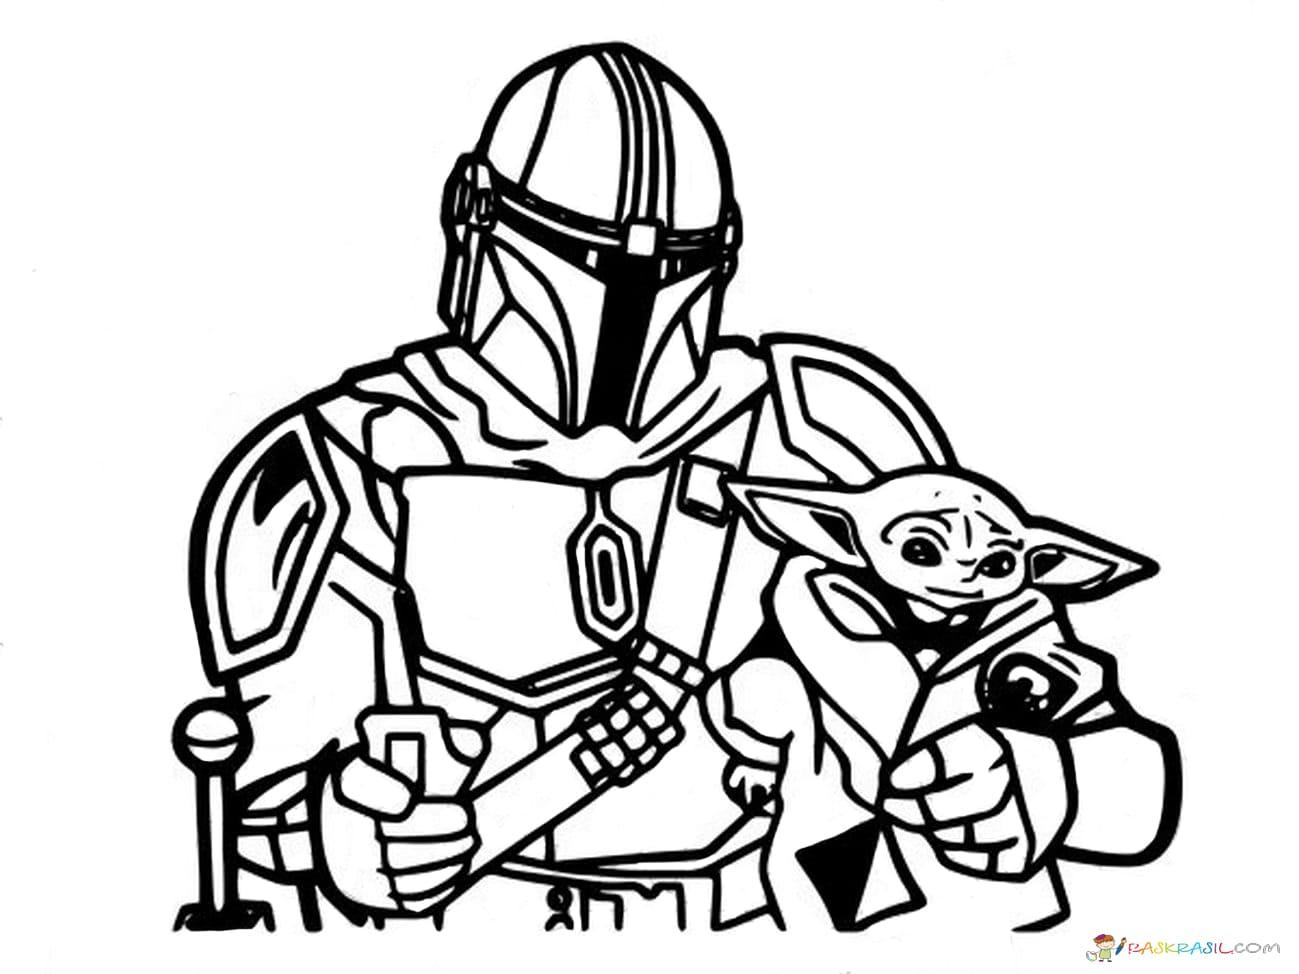 Ausmalbilder Baby Yoda. Mandalorian Und Baby Yoda Kostenlos bei Star Wars Bilder Zum Ausdrucken Kostenlos